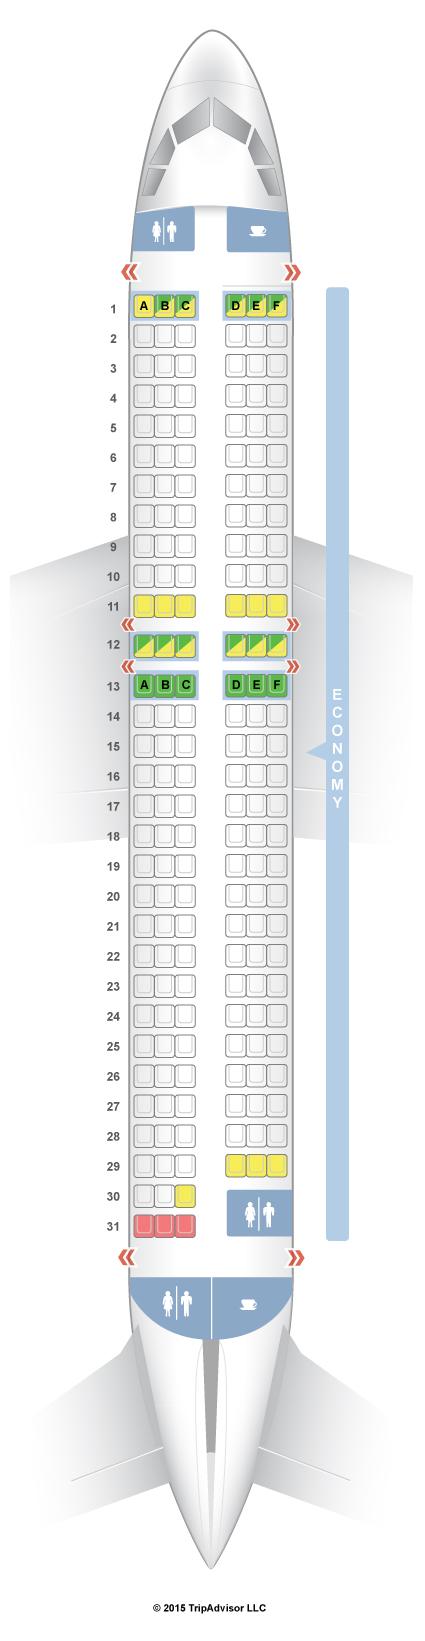 Easyjet Seat Map SeatGuru Seat Map easyJet Airbus A320 (320) V1 Easyjet Seat Map